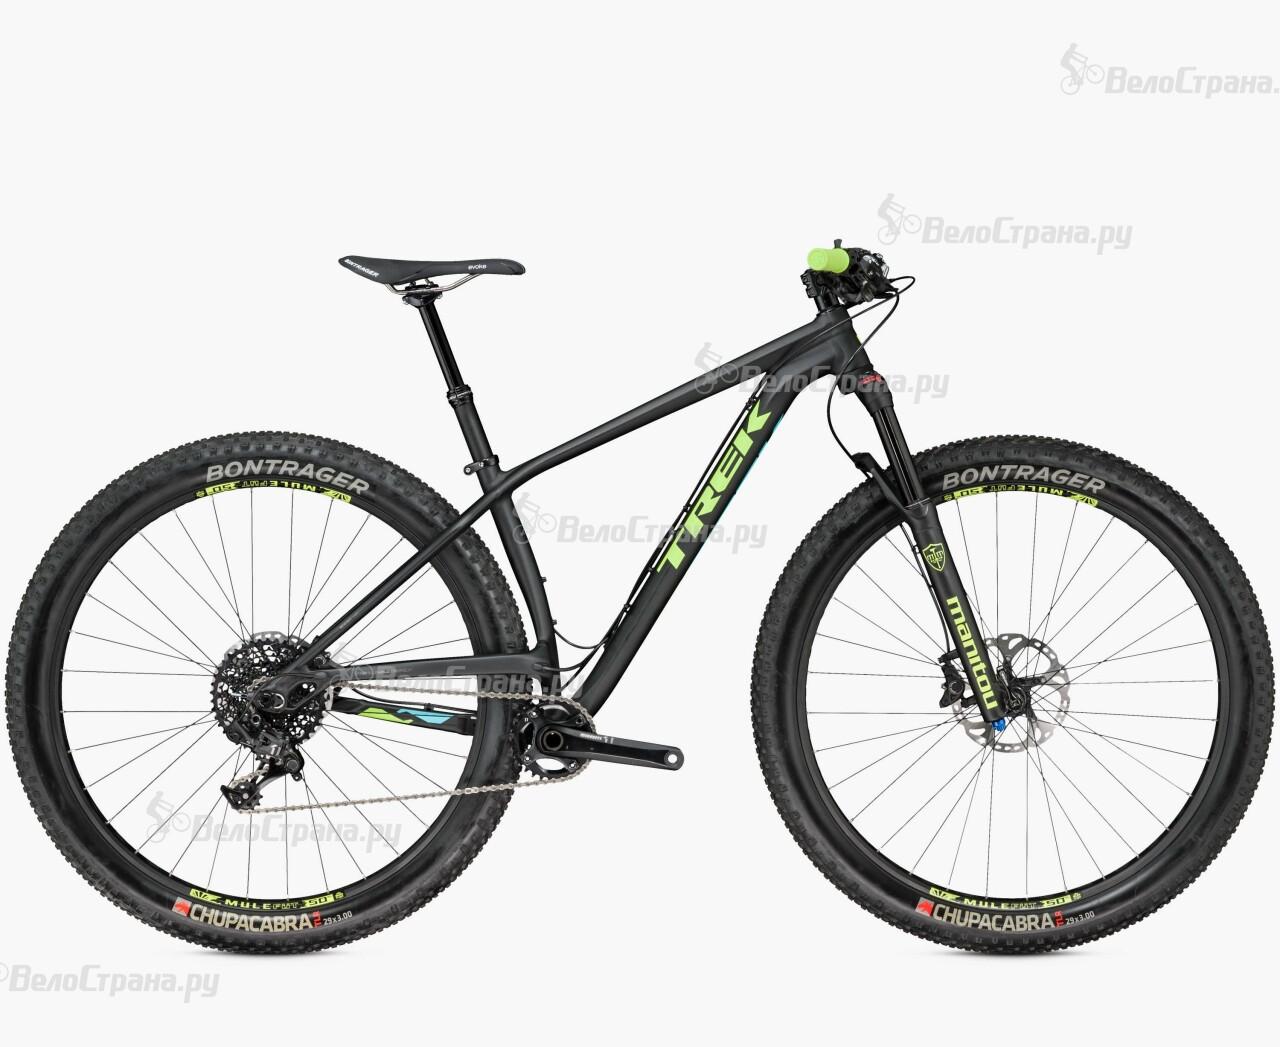 Велосипед Trek Stache 9 29+ (2016) велосипед trek fuel ex 9 29 2017